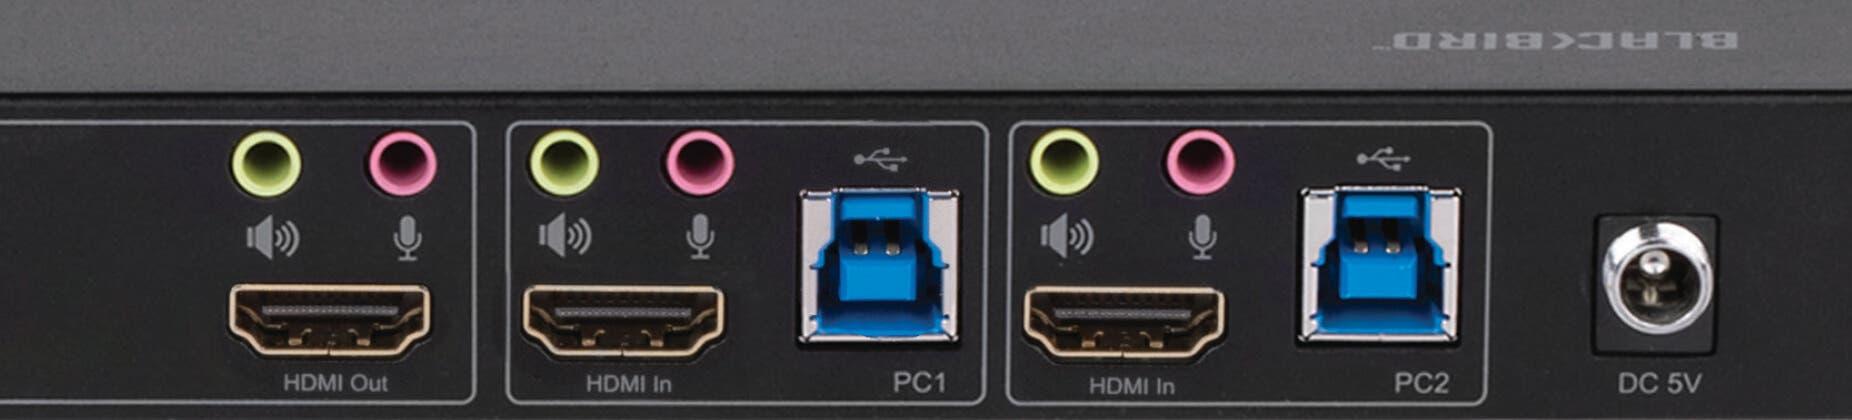 2x1 KVM Switch